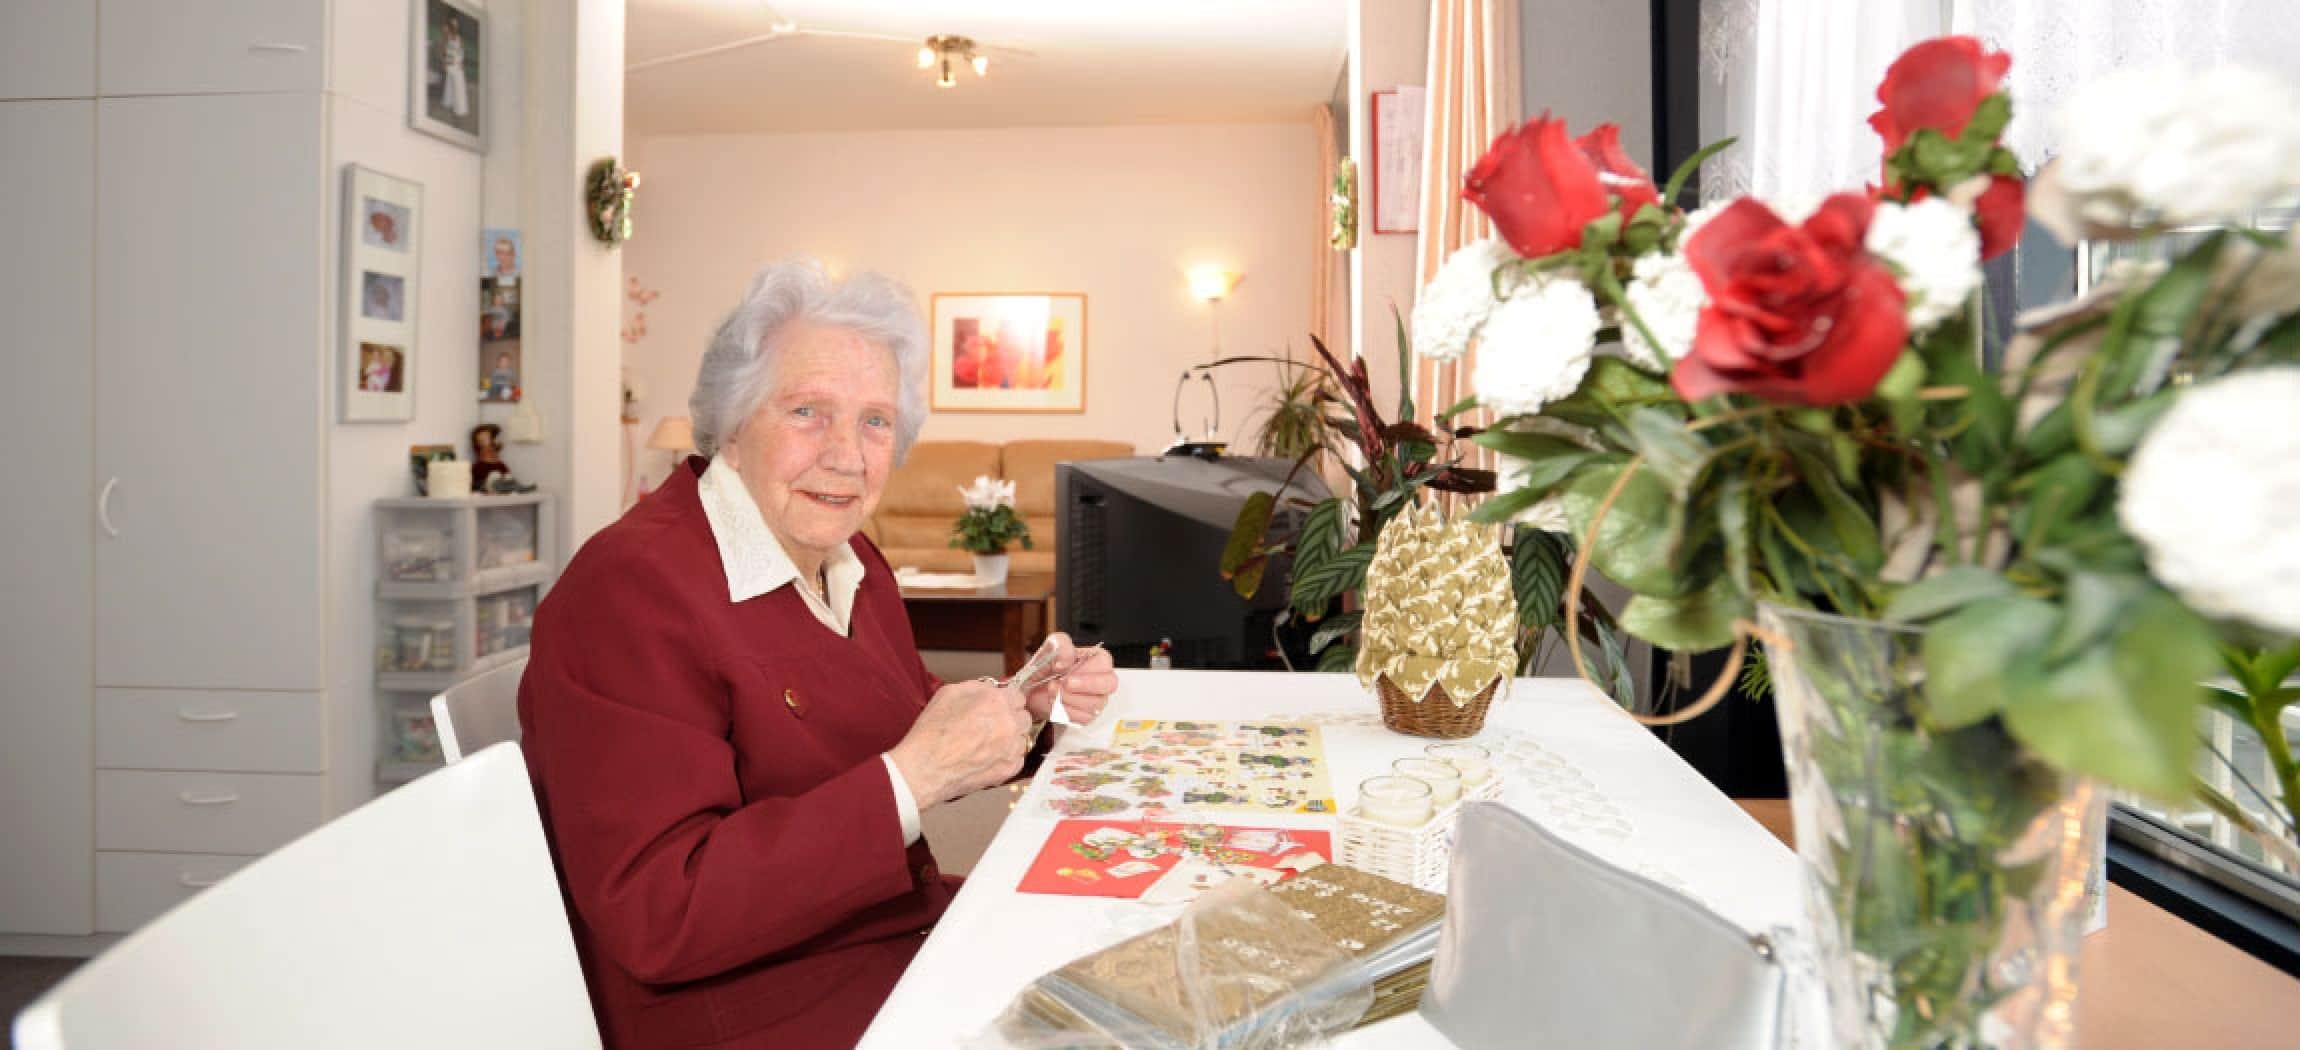 Vrouw met poëzieplaatje, schaar, ansichtkaarten en bos rozen in woonkamer